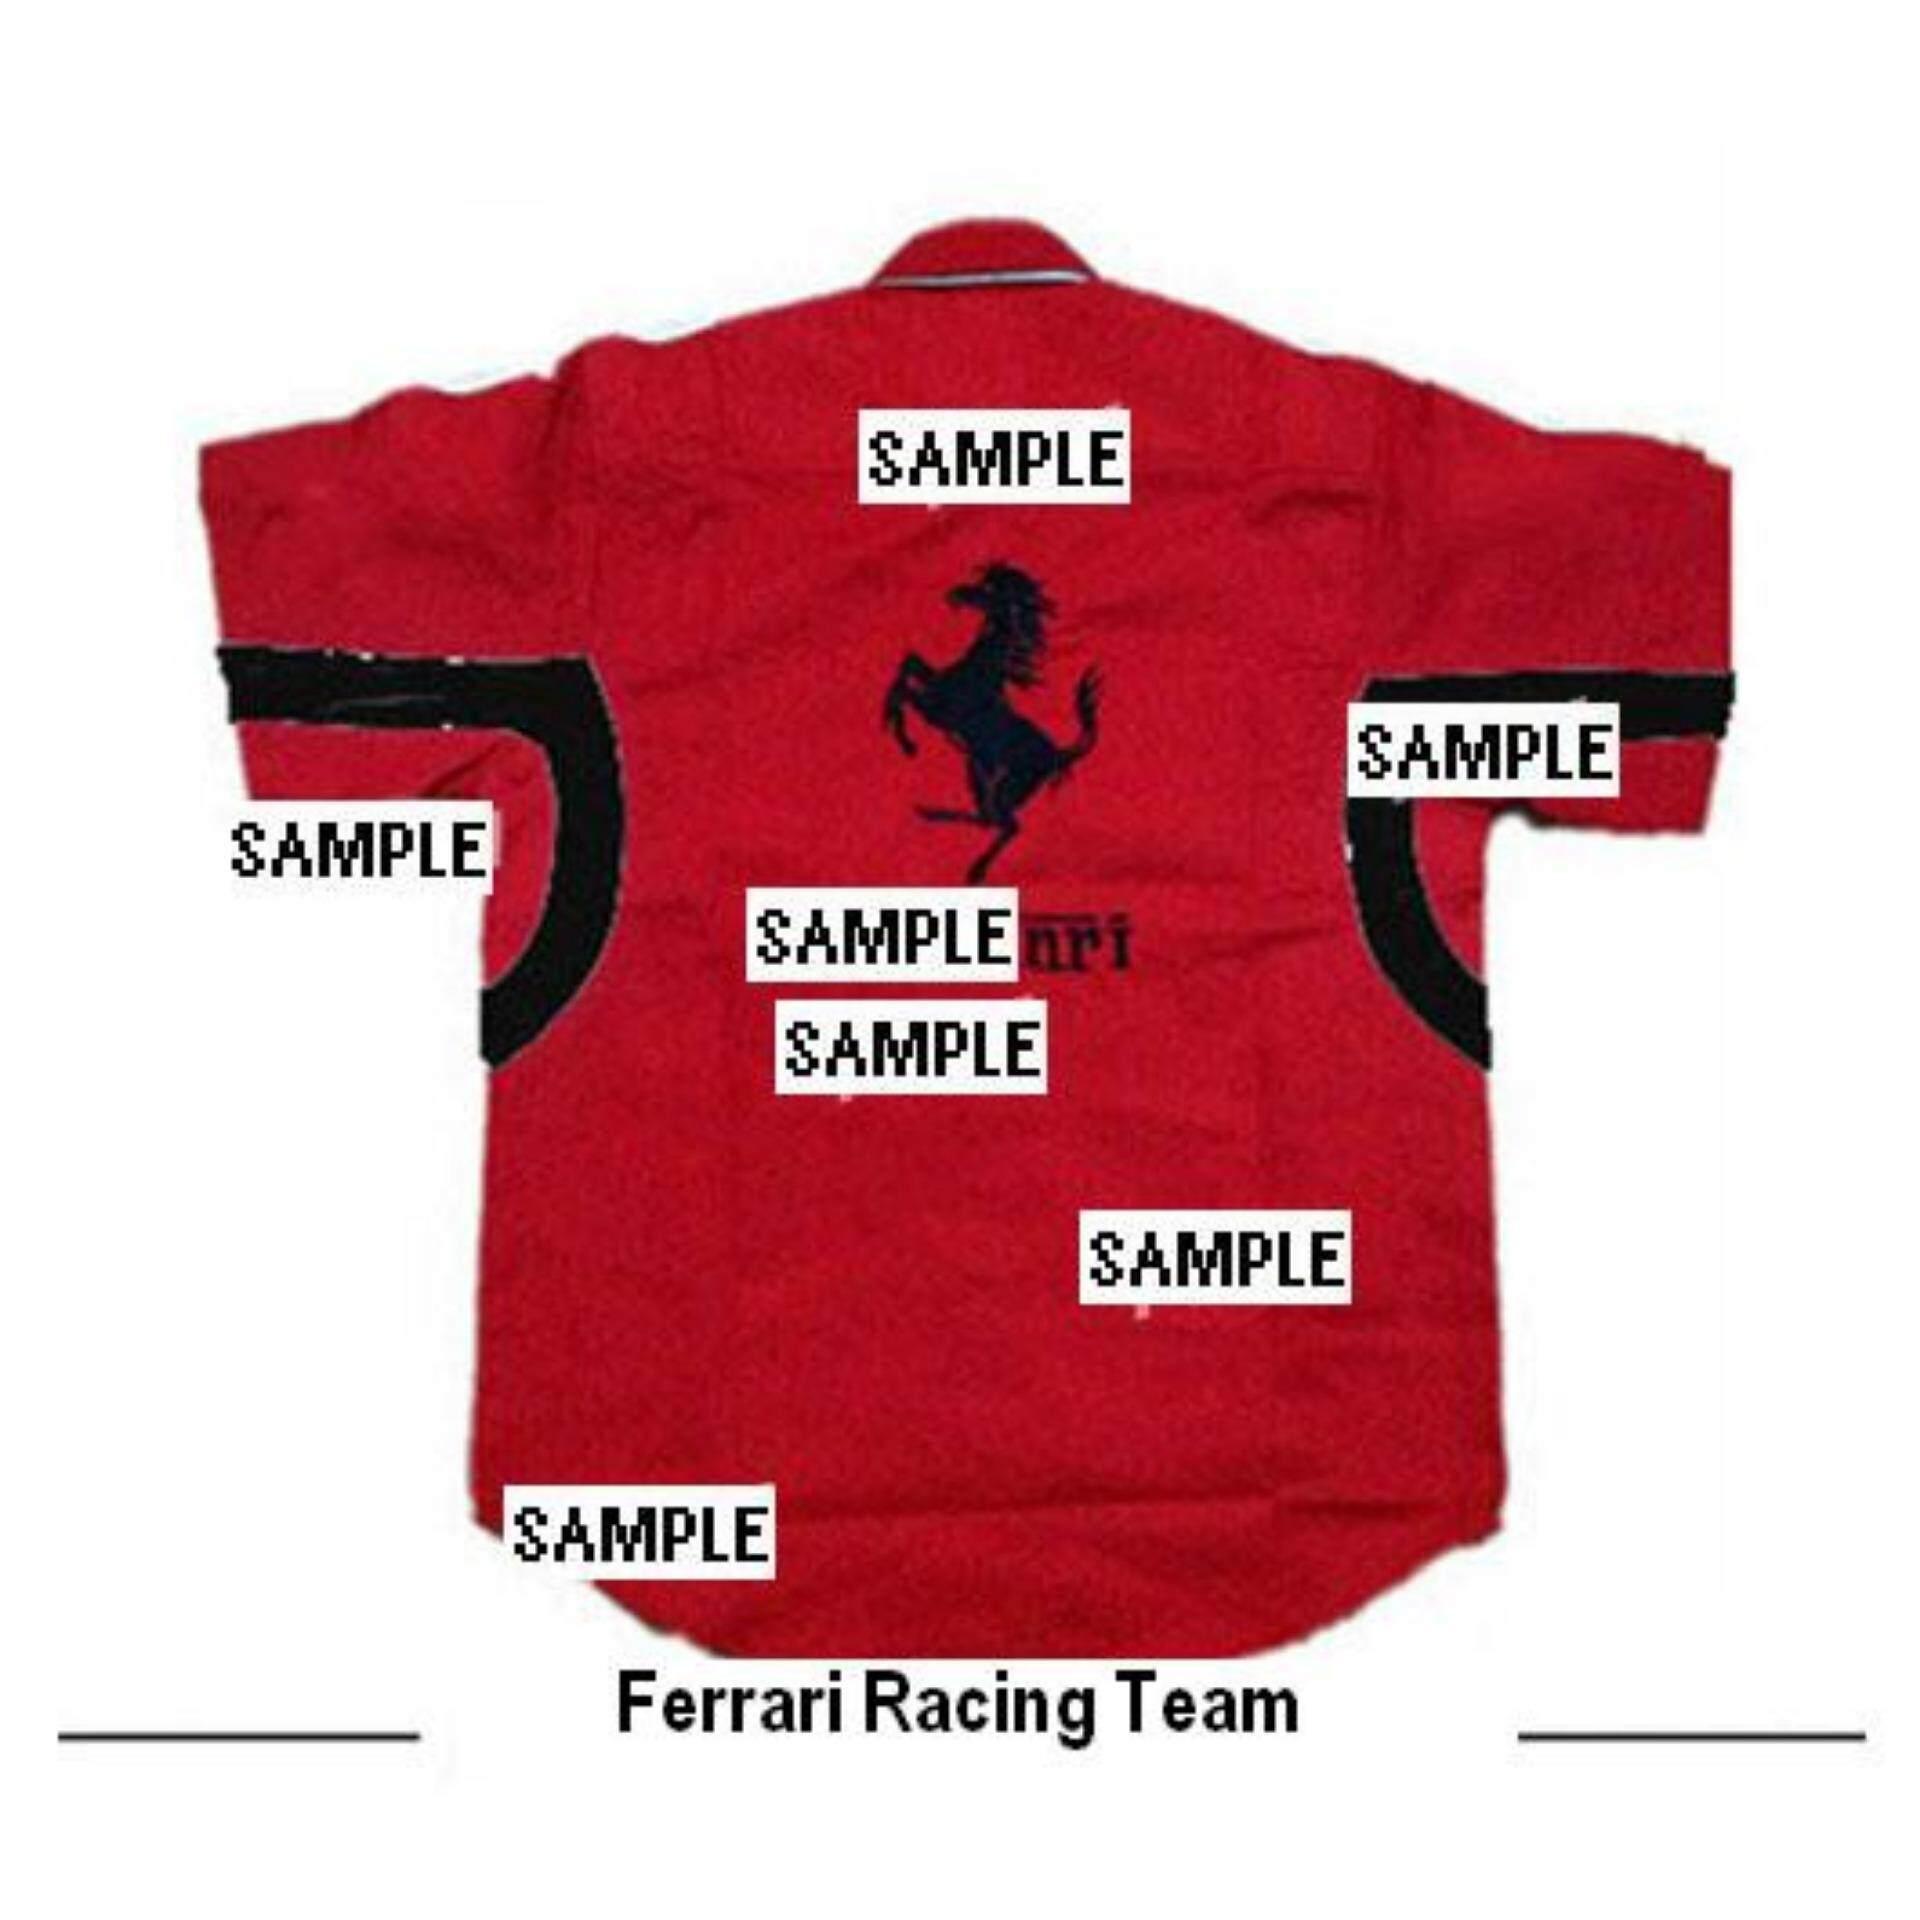 scuderia shirt sleeve logo be t e shirts en online ferrari short store replica official man